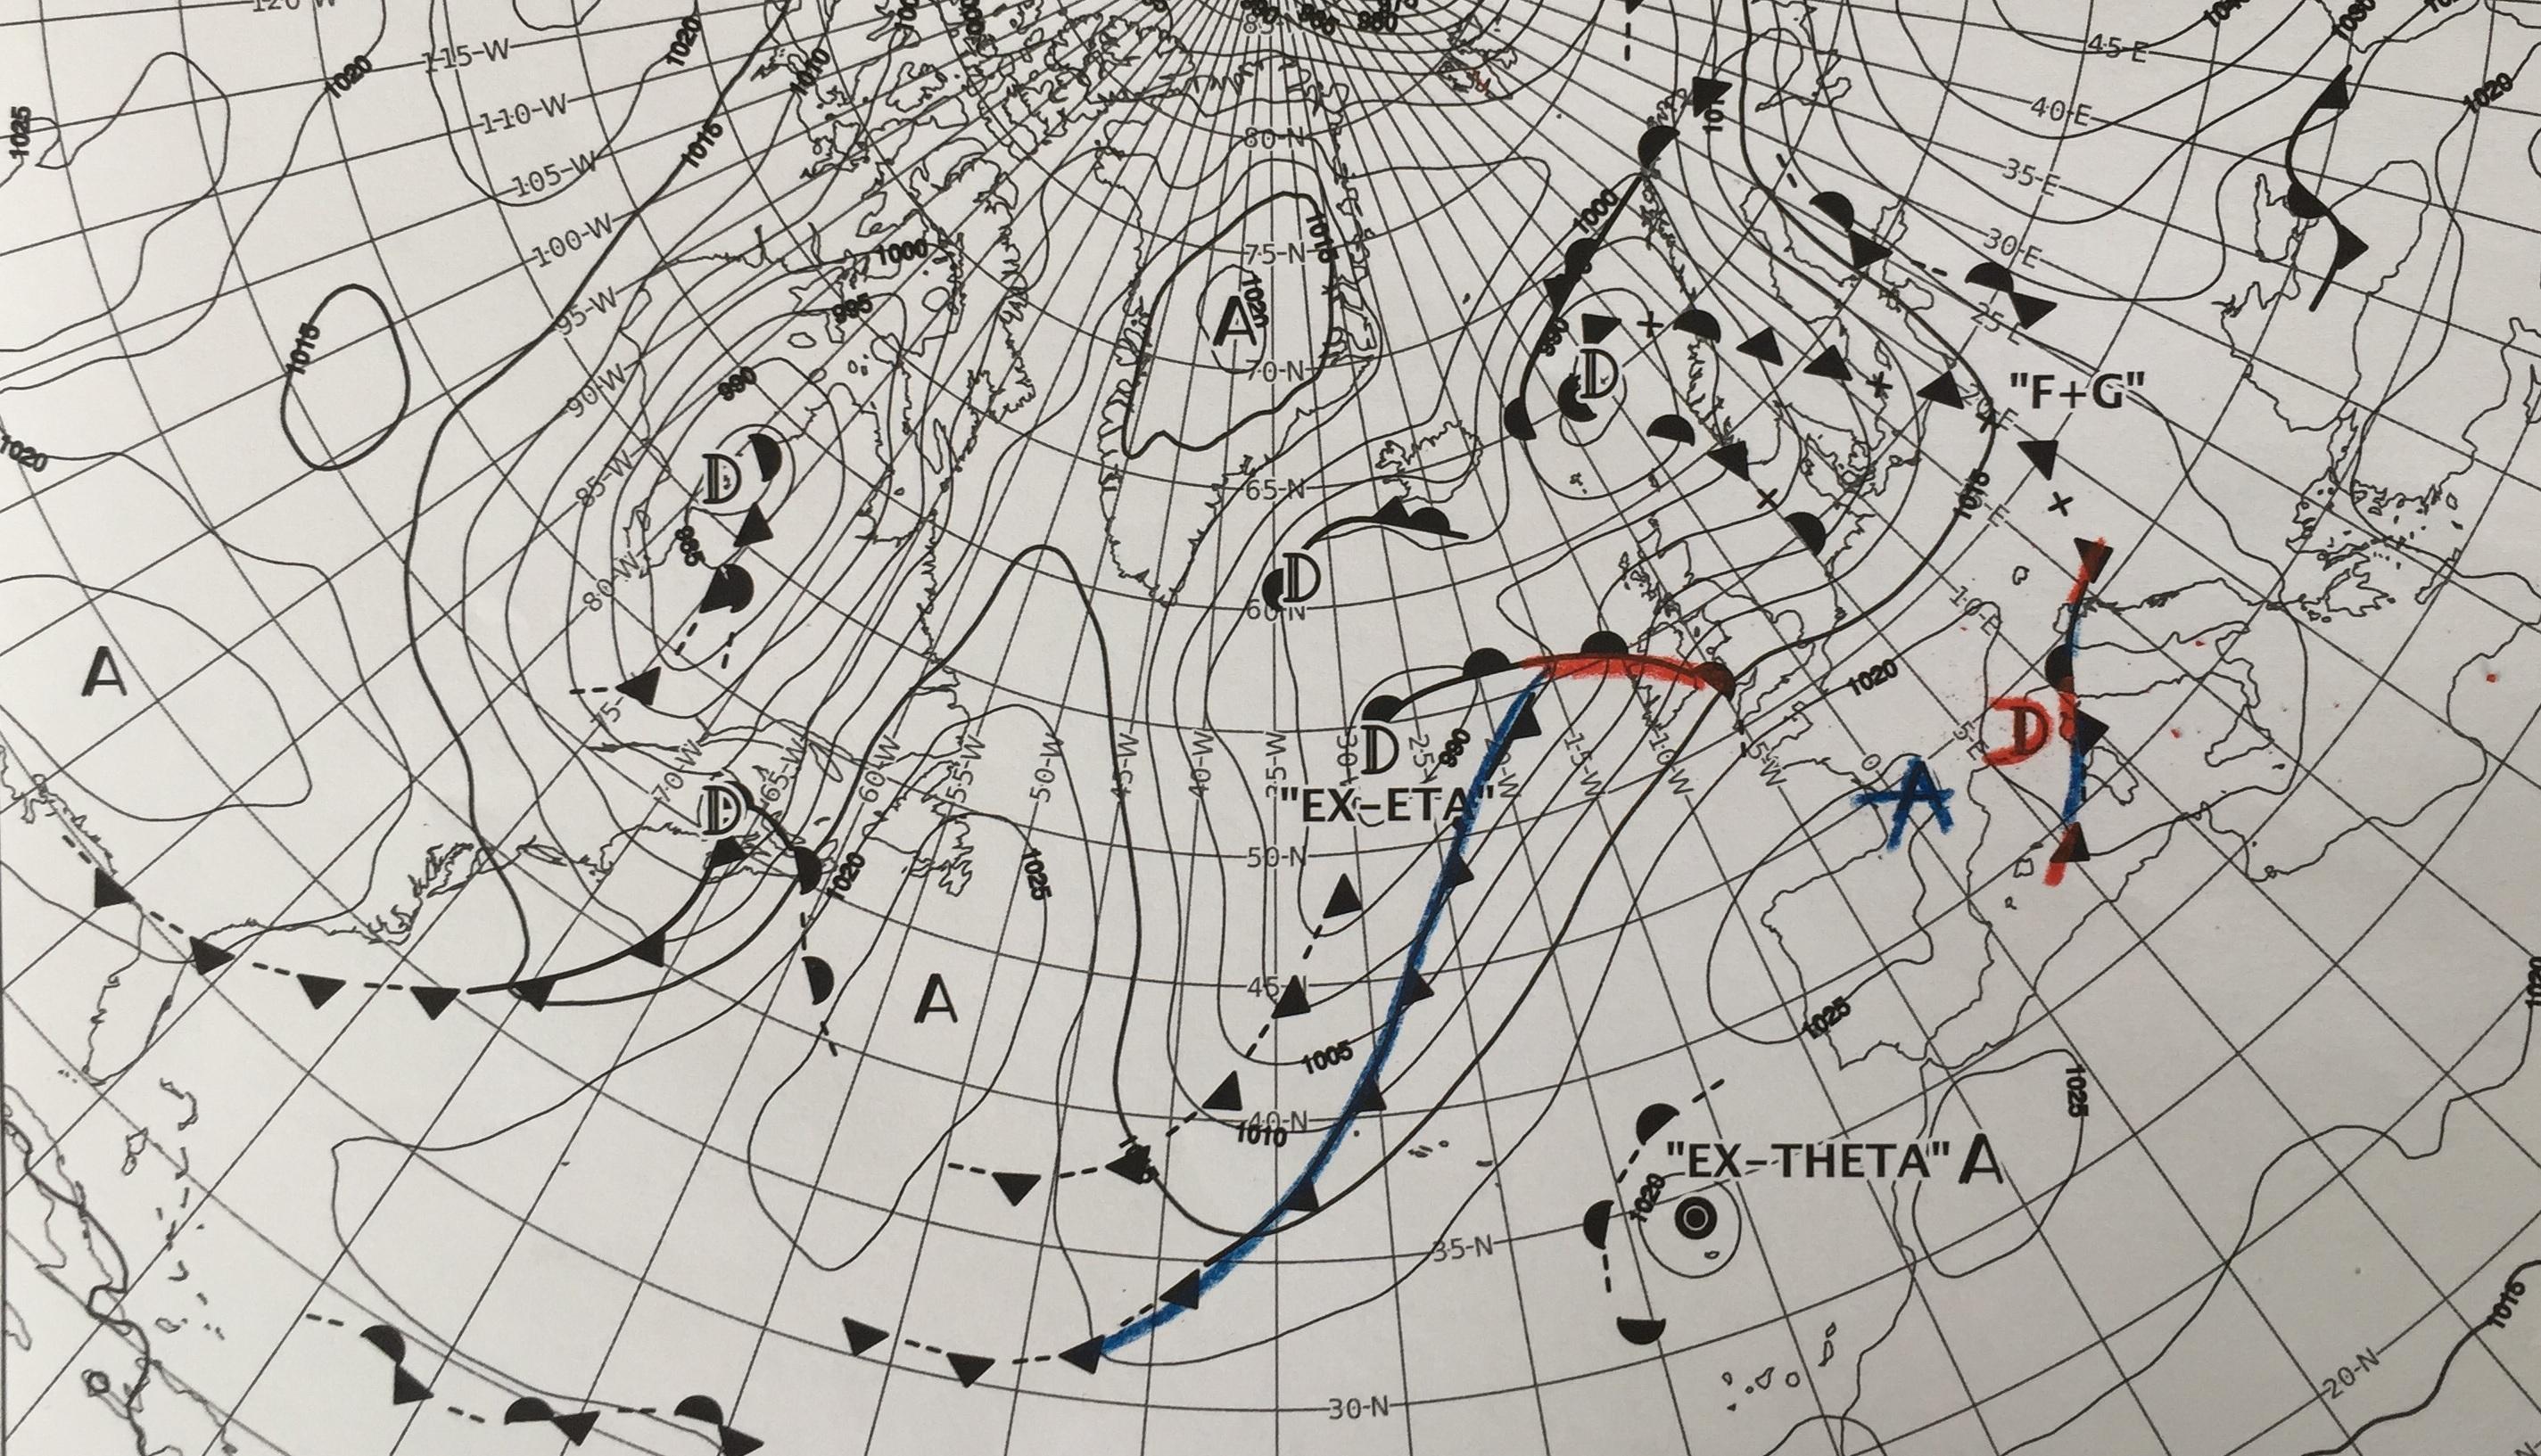 La dépression 1015 hpa sur le golfe de Gênes va engendrer un fort vent d'ouest mais de courte durée.